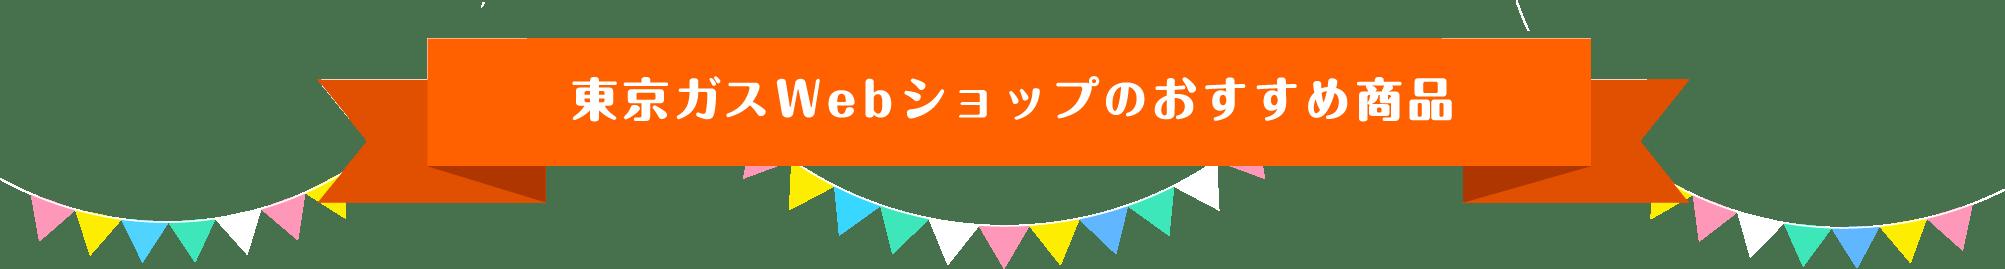 東京ガスWebショップのおすすめ商品